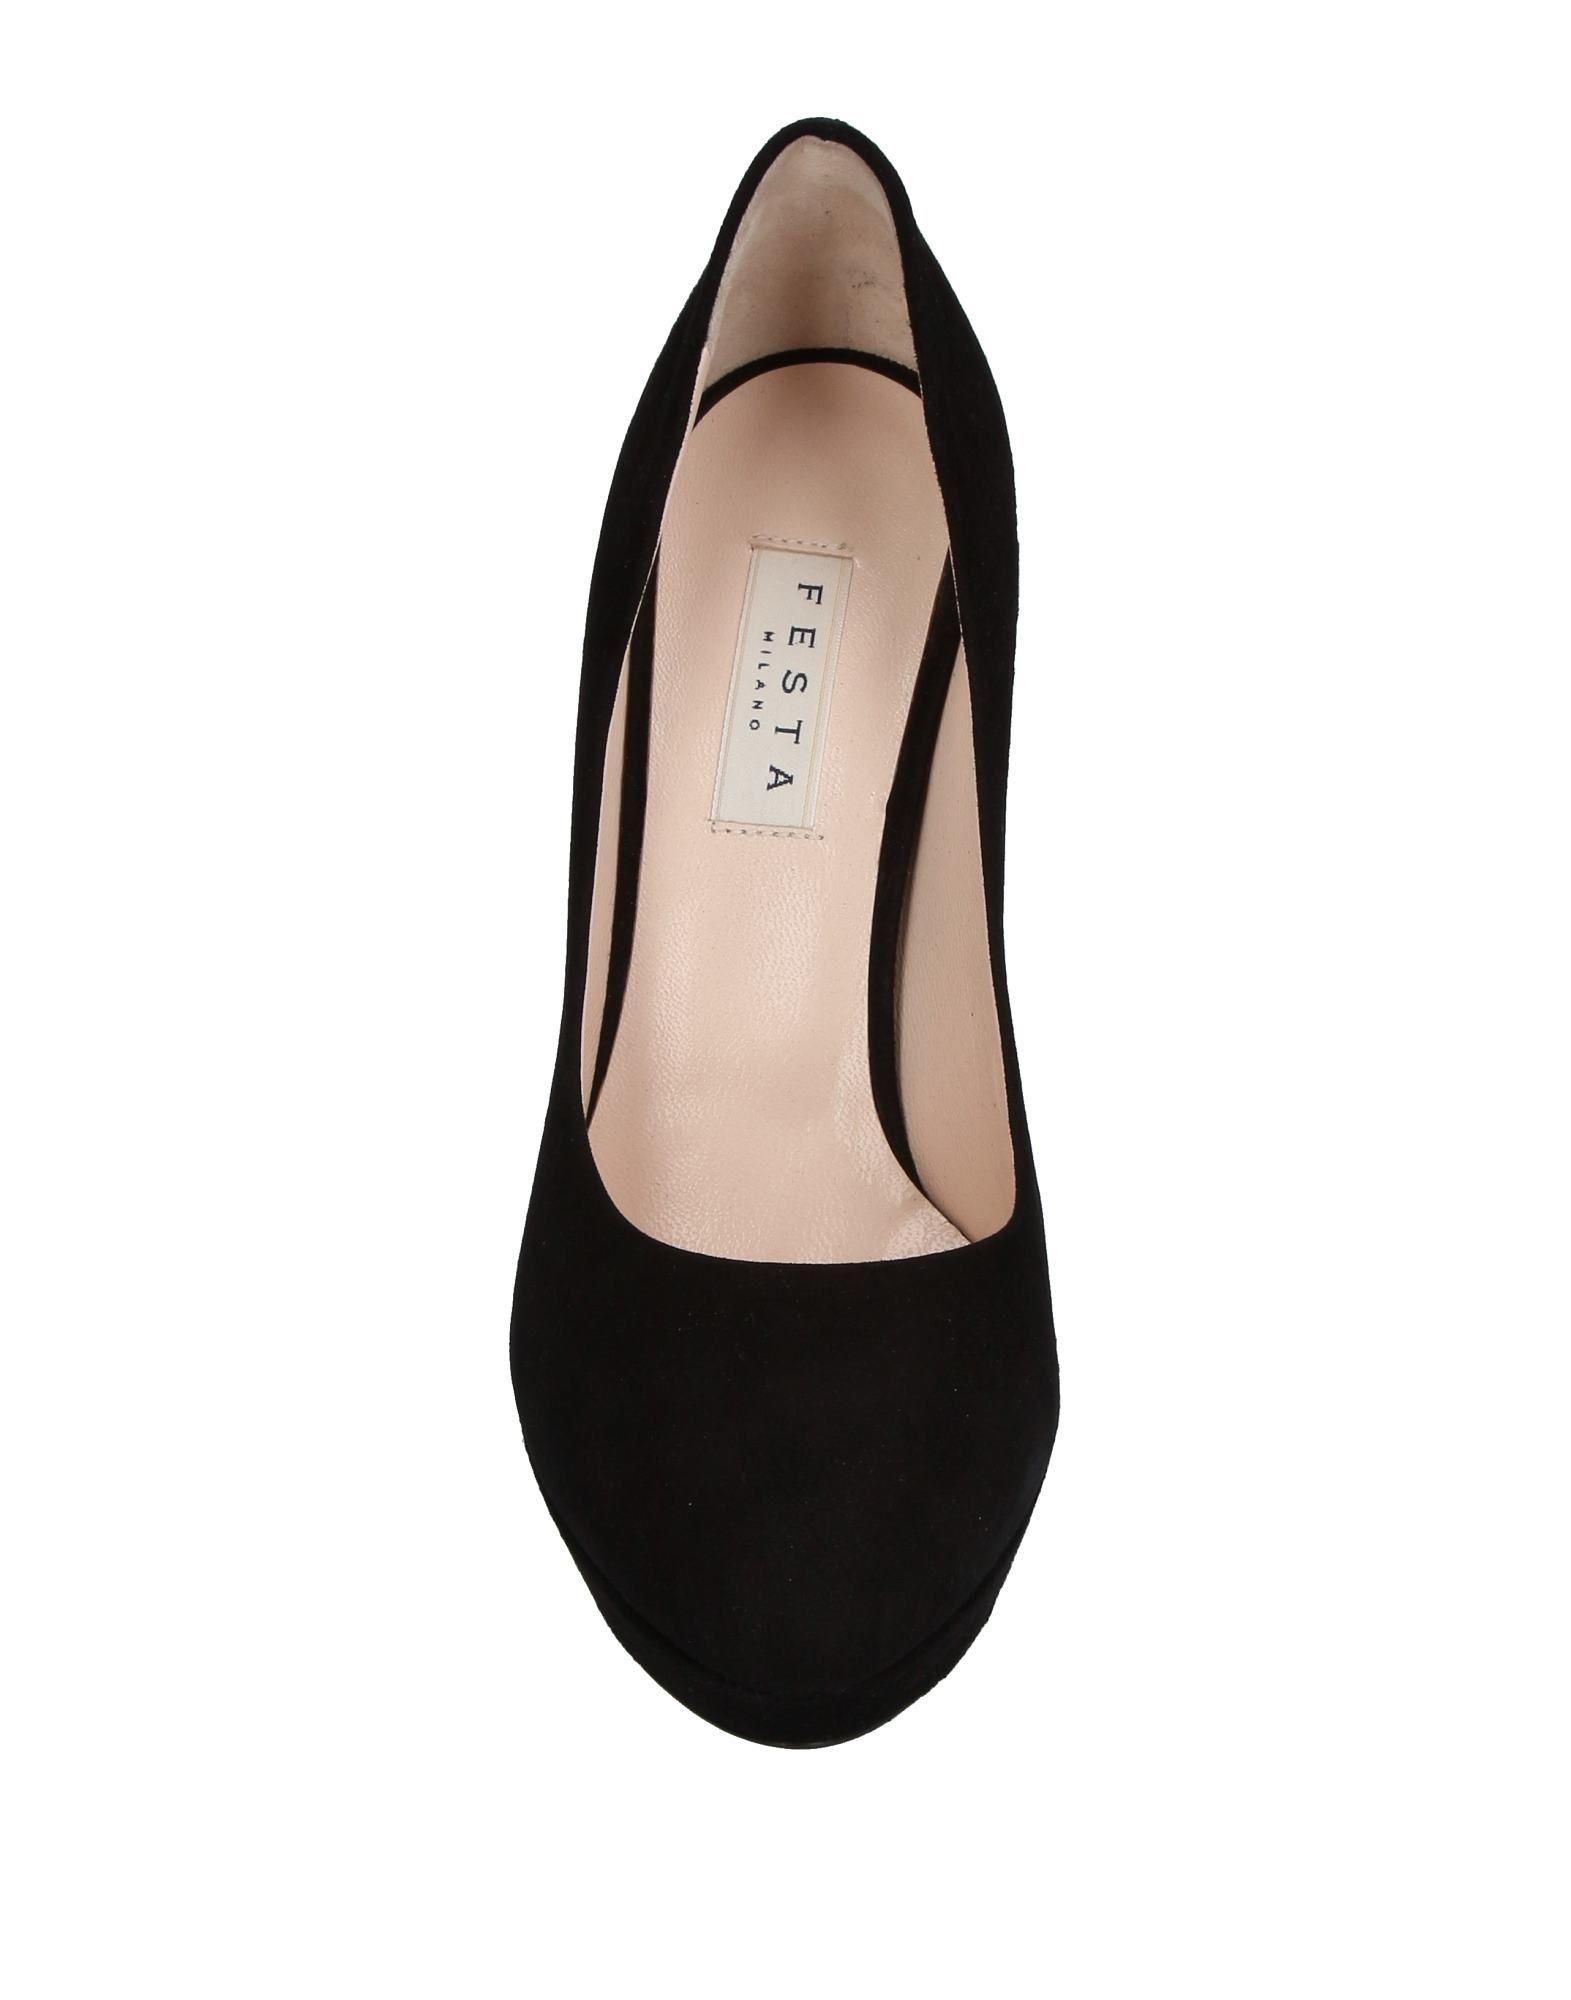 Festa Milano Pumps Damen beliebte  11236060VU Gute Qualität beliebte Damen Schuhe 459d62